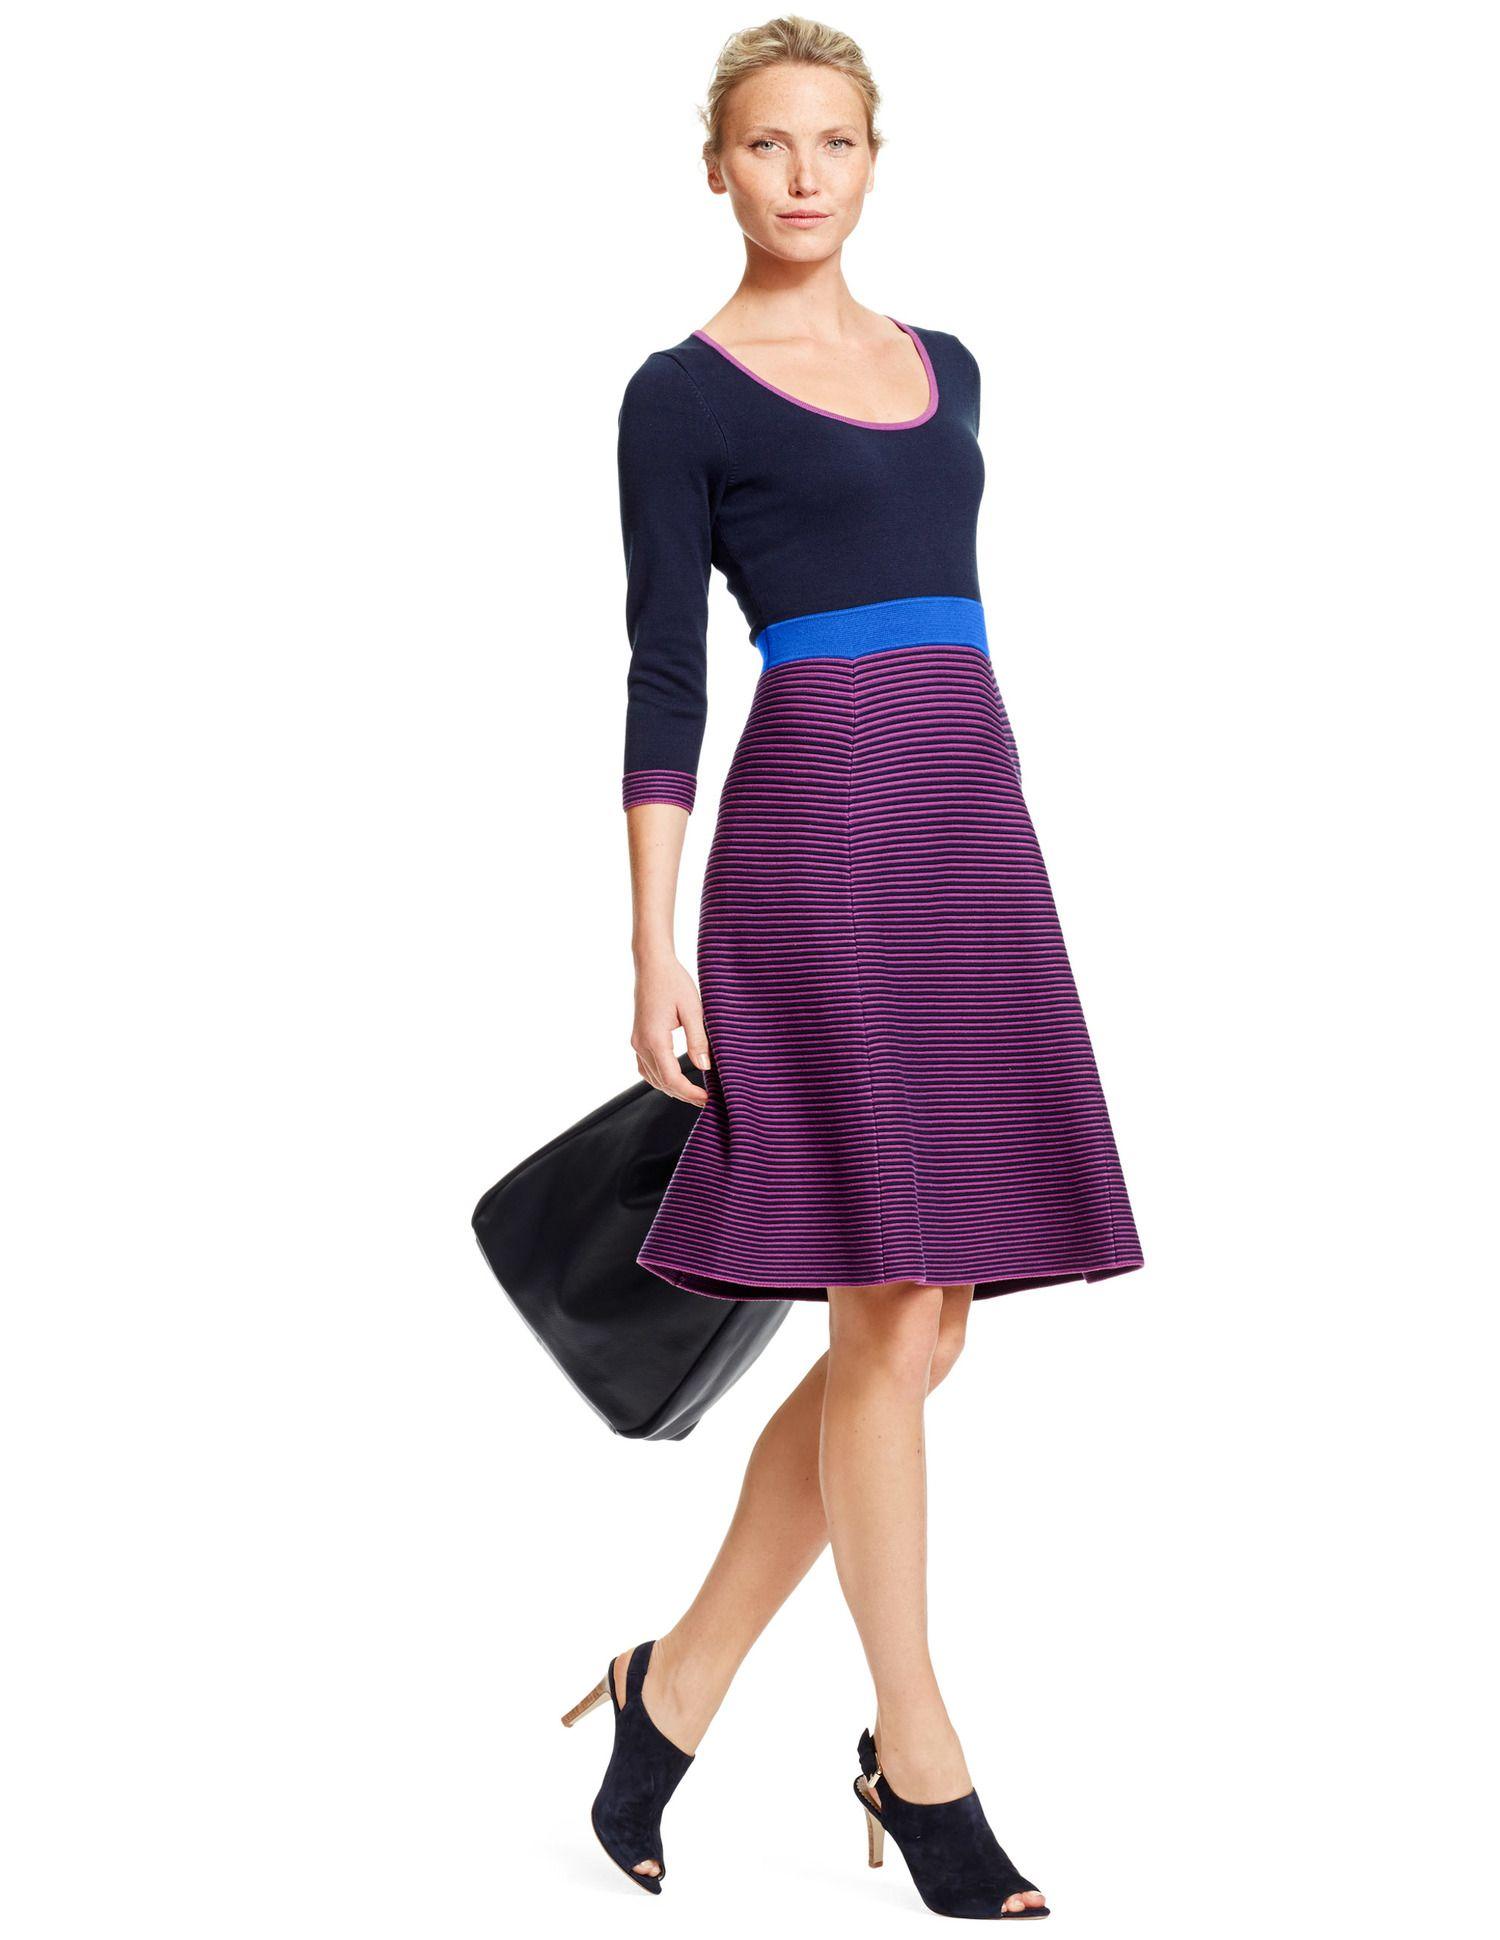 Julietta Dress, boden | Clothes | Pinterest